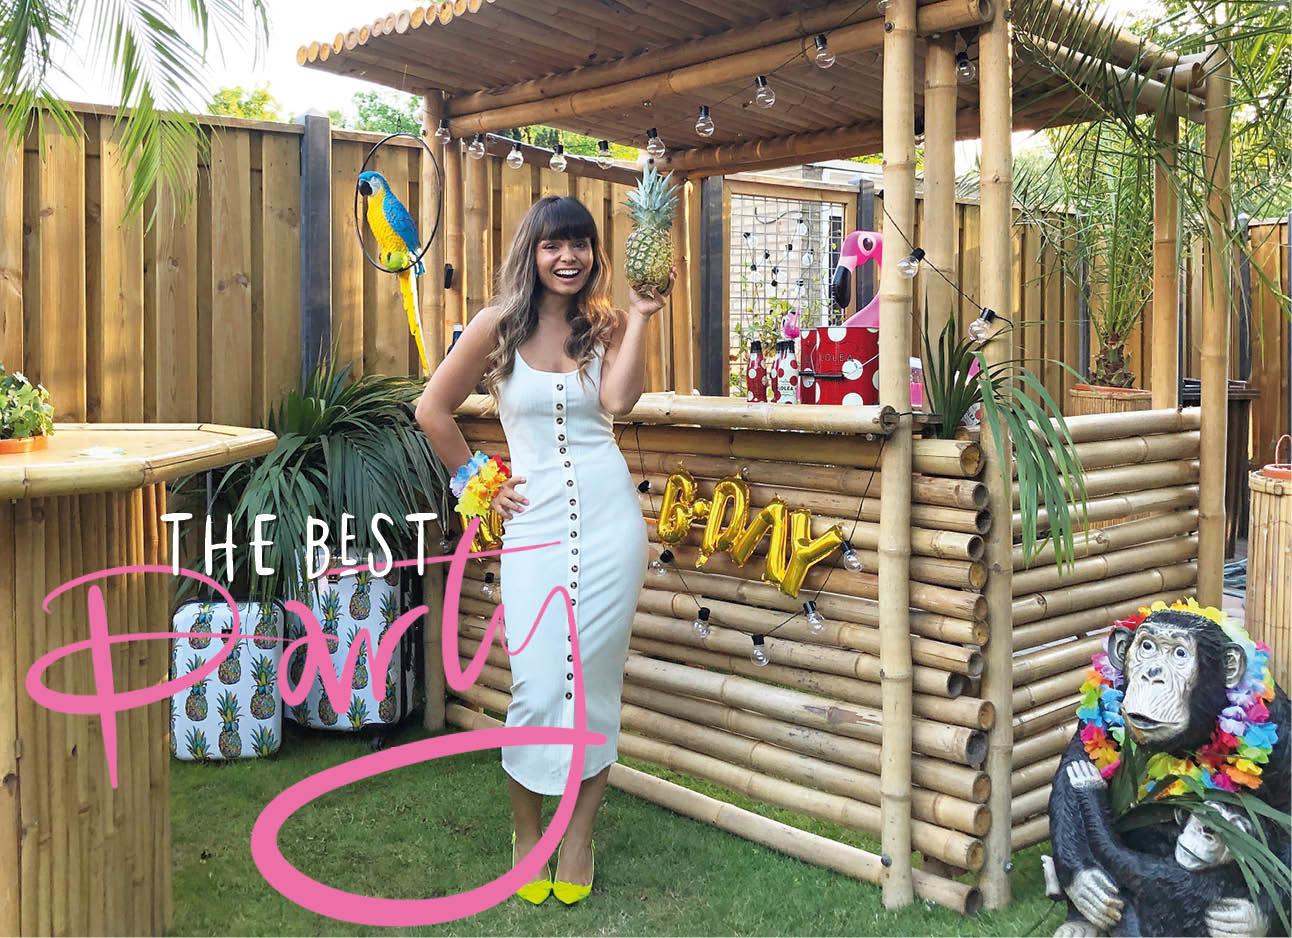 kiki lachend in een zomerse jurk in een feestelijk hawai versiering achtertuin met cocktail bar